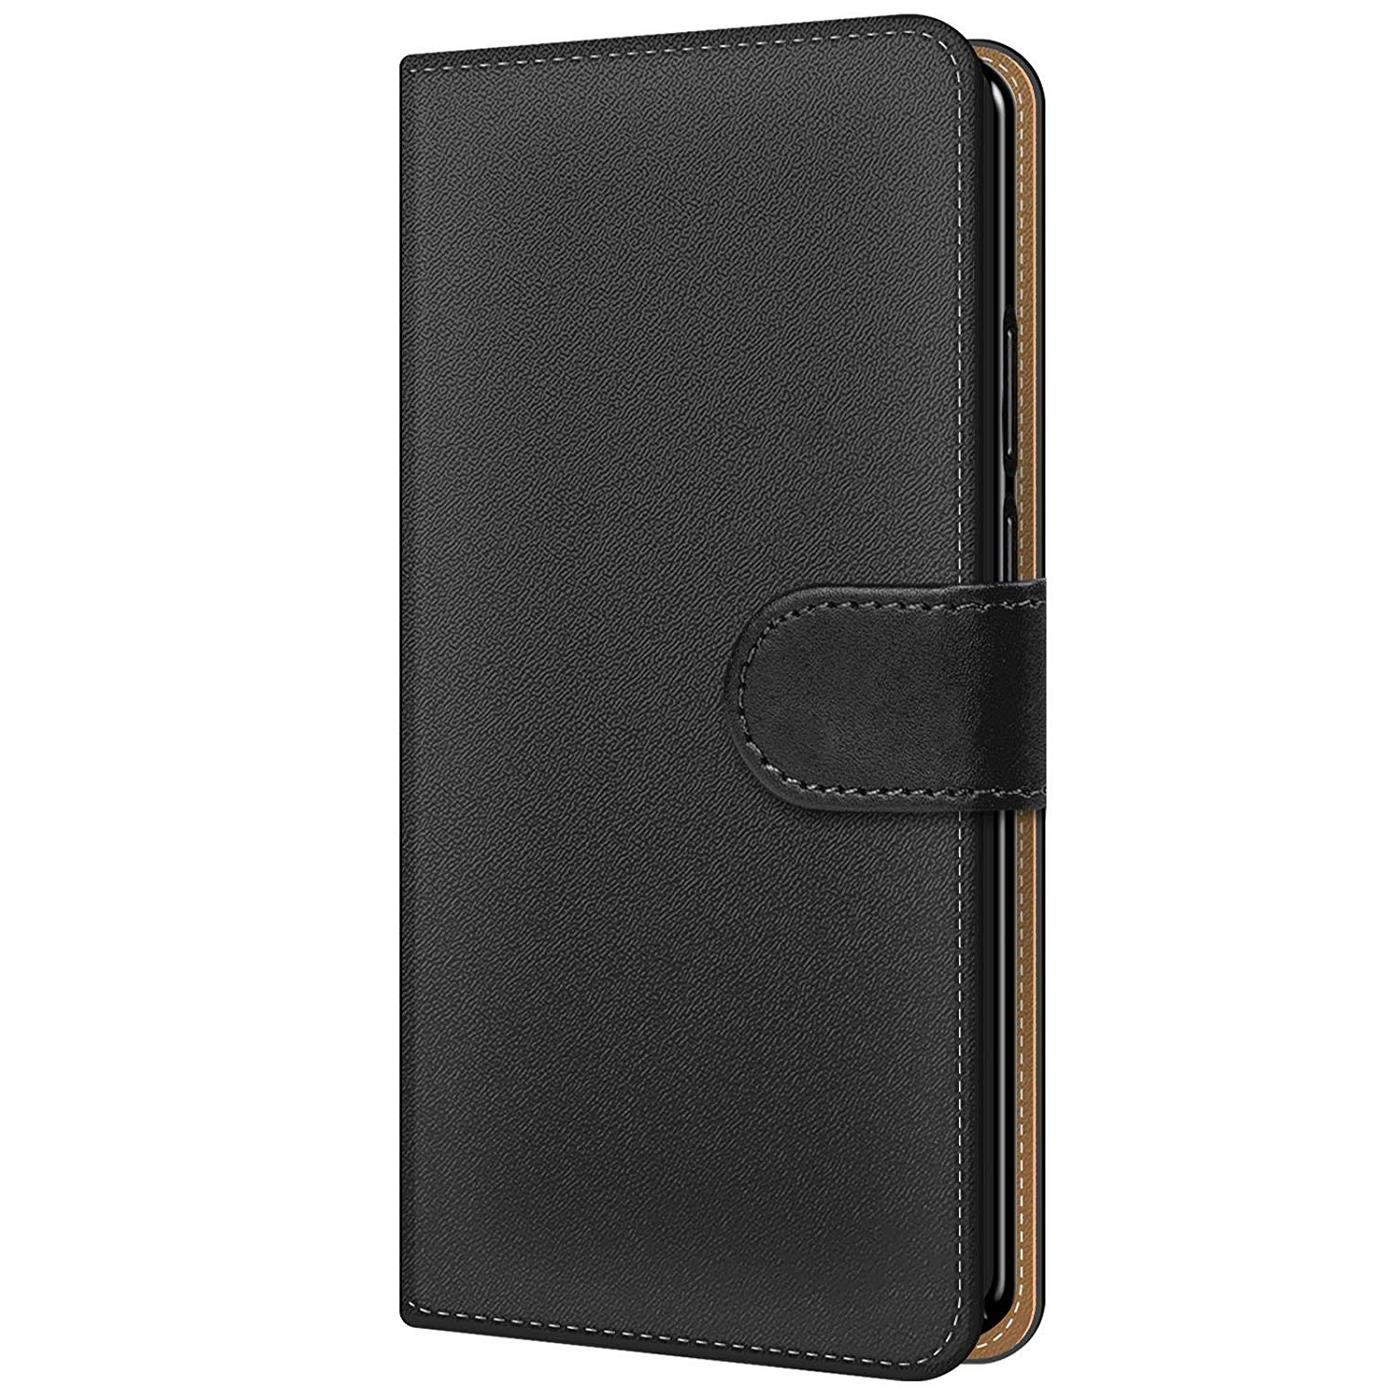 Samsung-Galaxy-A7-2018-Handy-Klapp-Tasche-Schutz-Huelle-Book-Flip-Cover-Case-Etui Indexbild 11